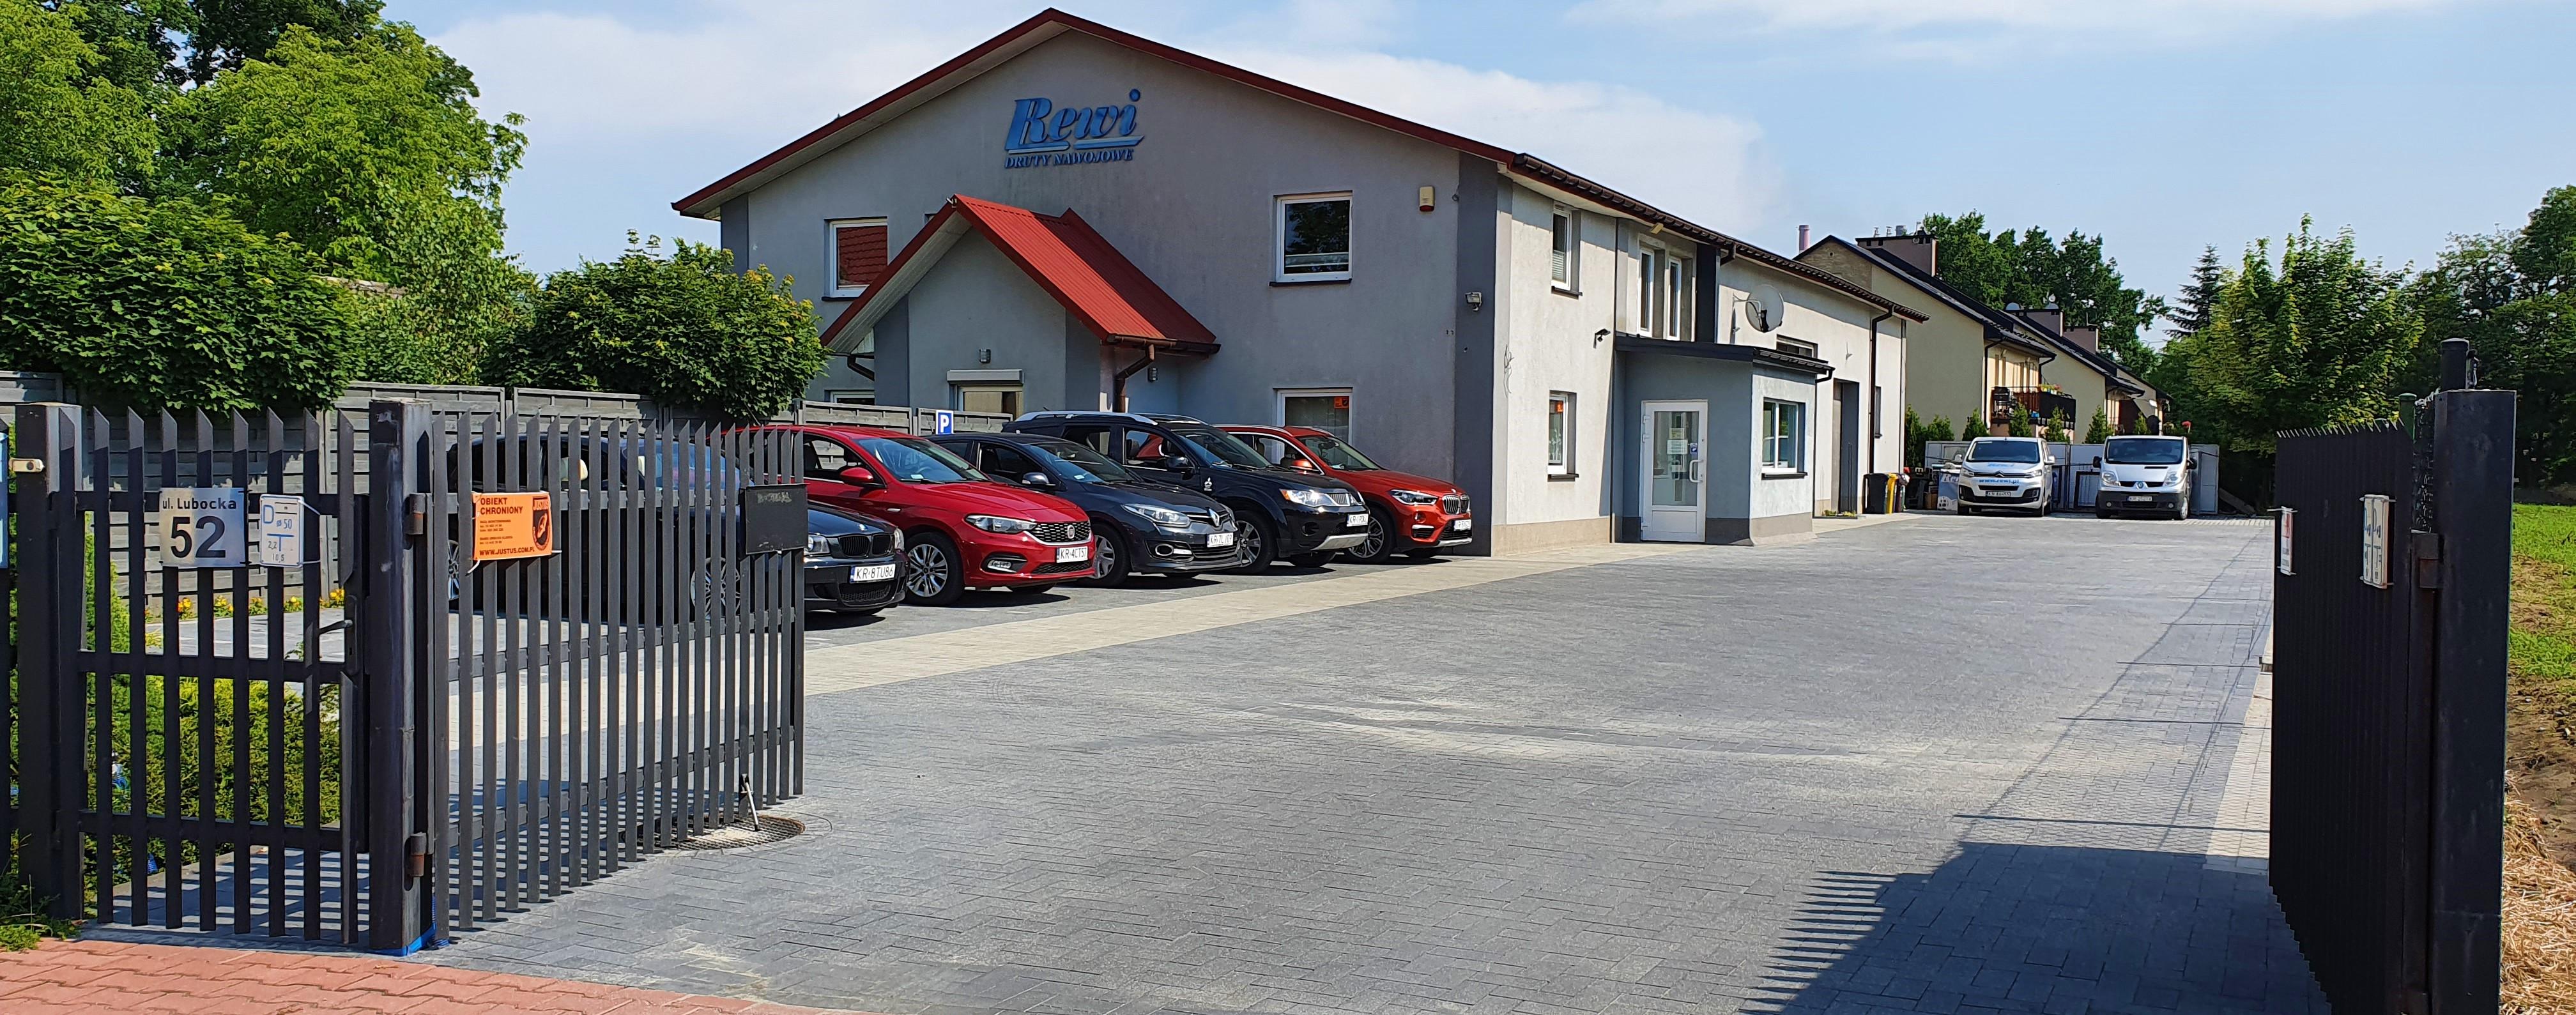 Budynek hurtowni Rewi w Krakowie, hurtownia druty nawojowe, materiały elektroizolacyjne, części do silników elektrycznych, części do elektronarzędzi, hala z parkingiem,